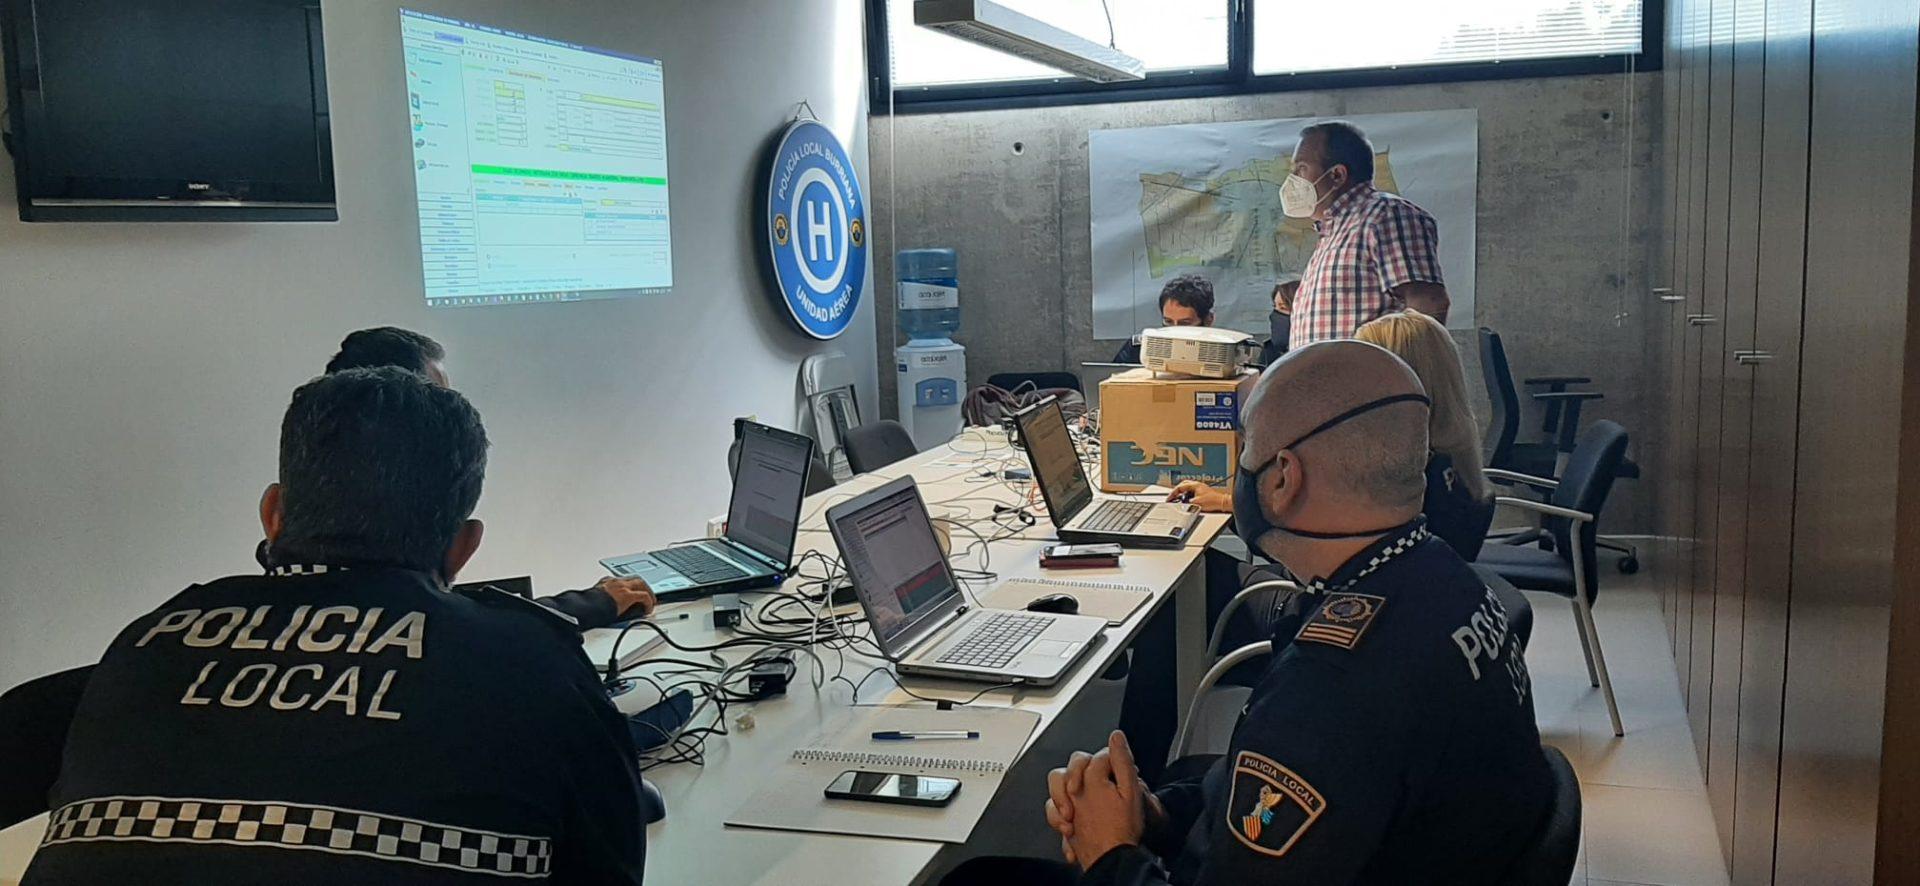 Curso formación gestión | Imagen Policía Local Burriana